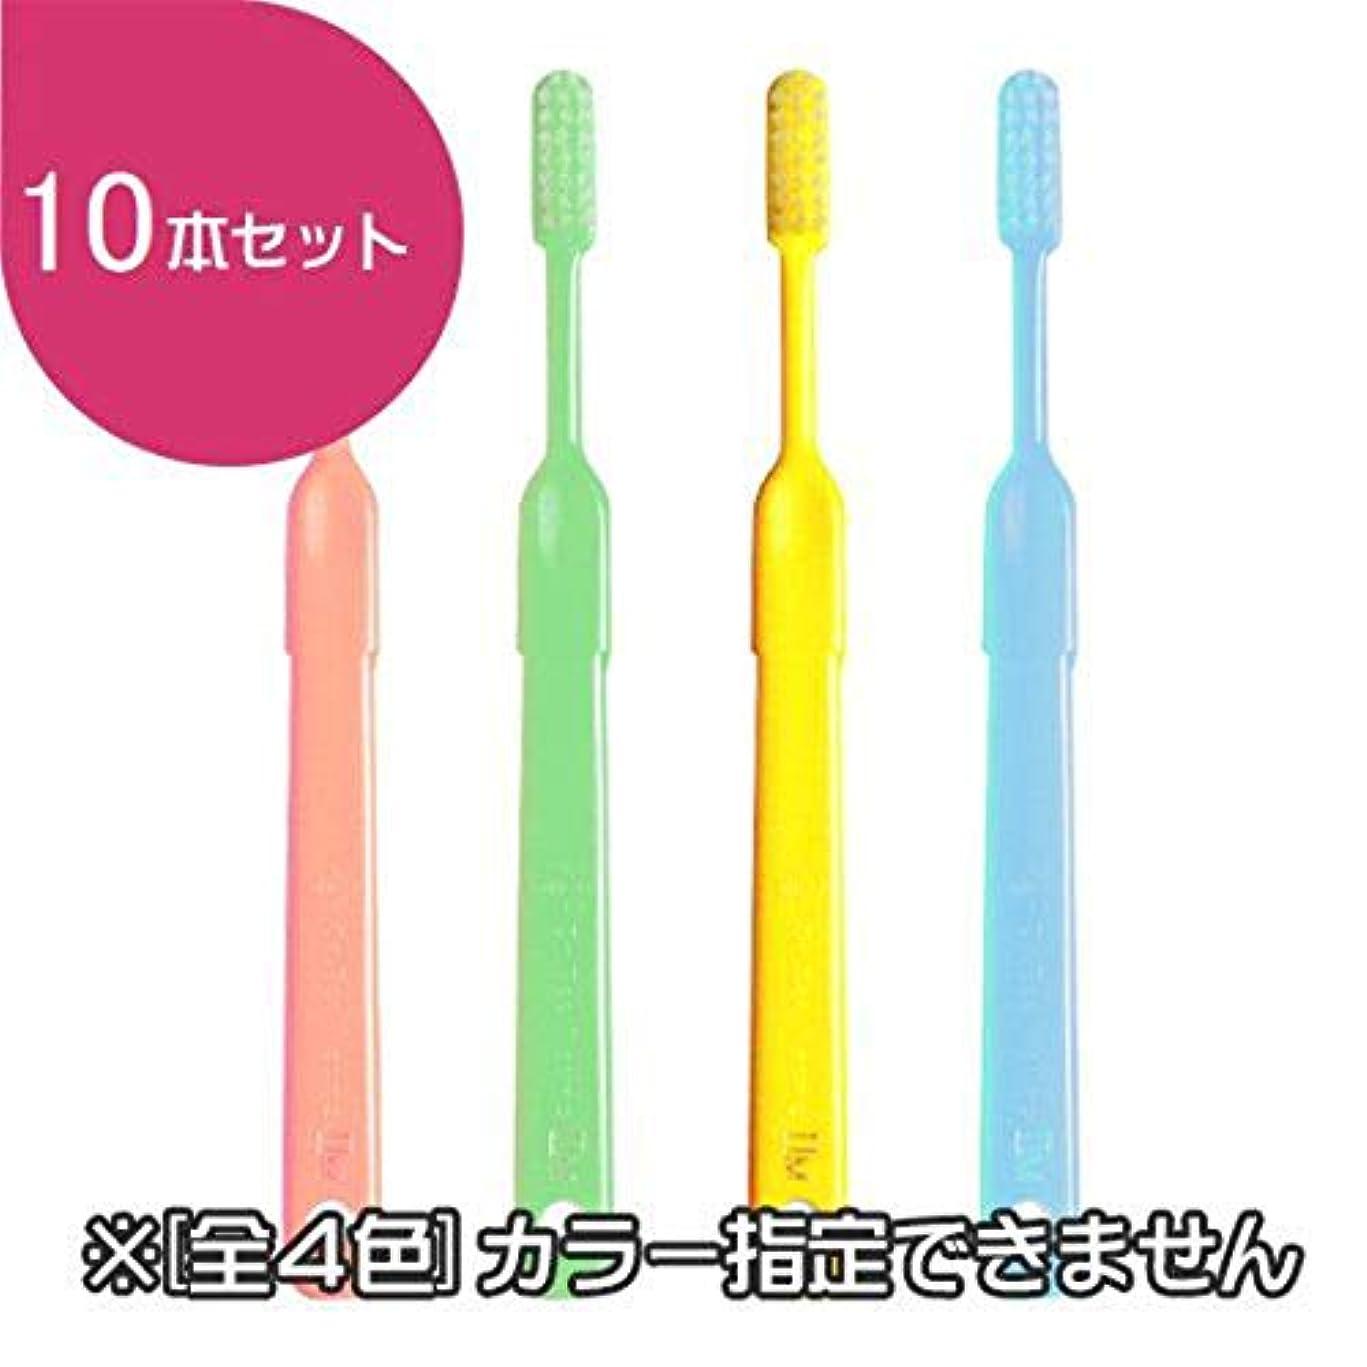 桃スポット教ビーブランド ドクター ビーヤング2 歯ブラシ 10本(ミディアム)